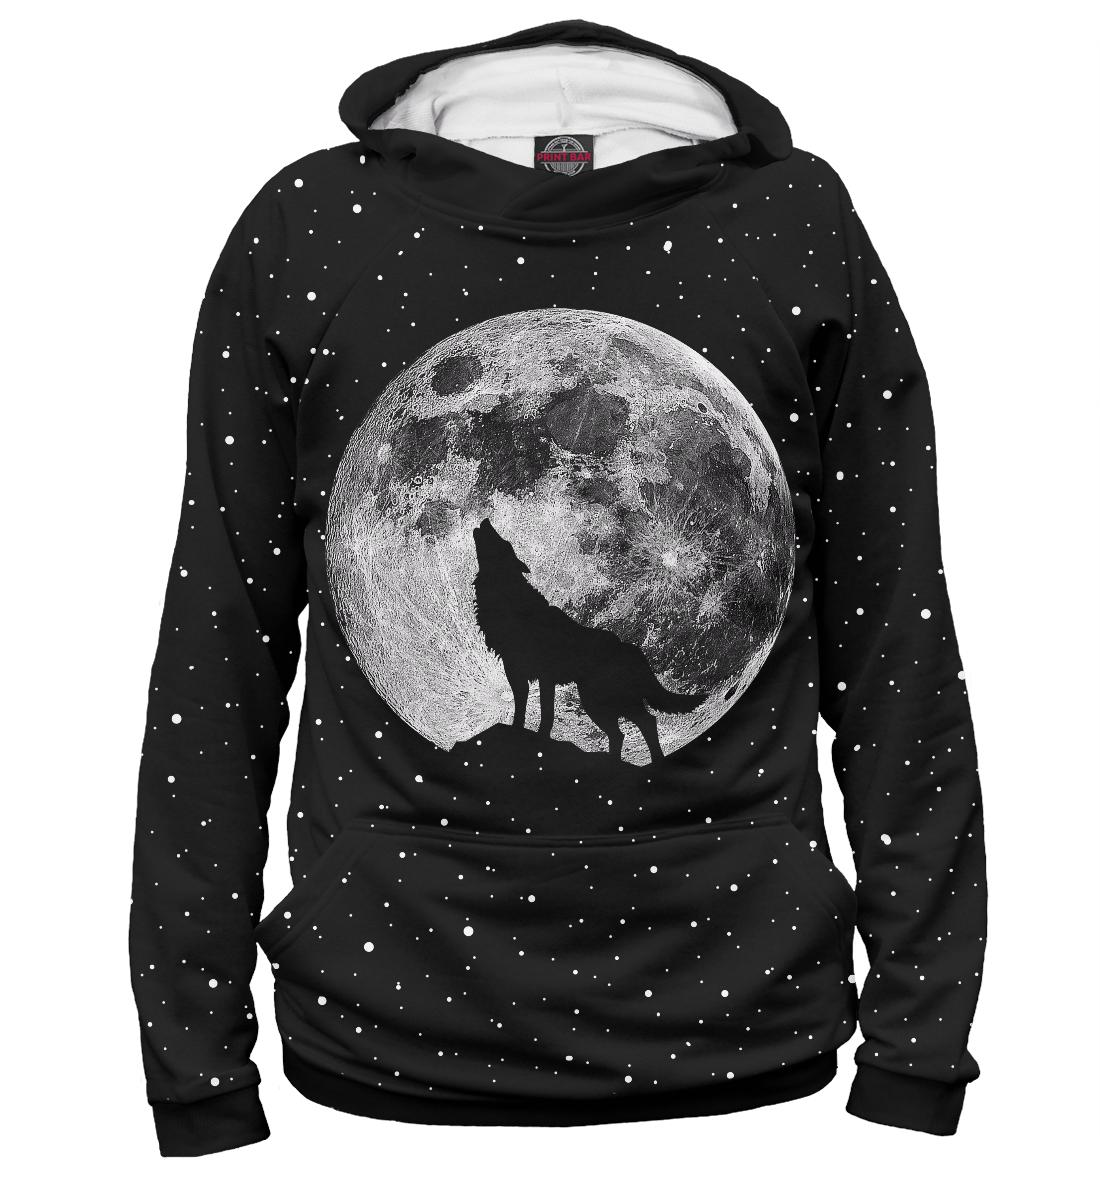 Купить Лунный волк, Printbar, Худи, VLF-185074-hud-2